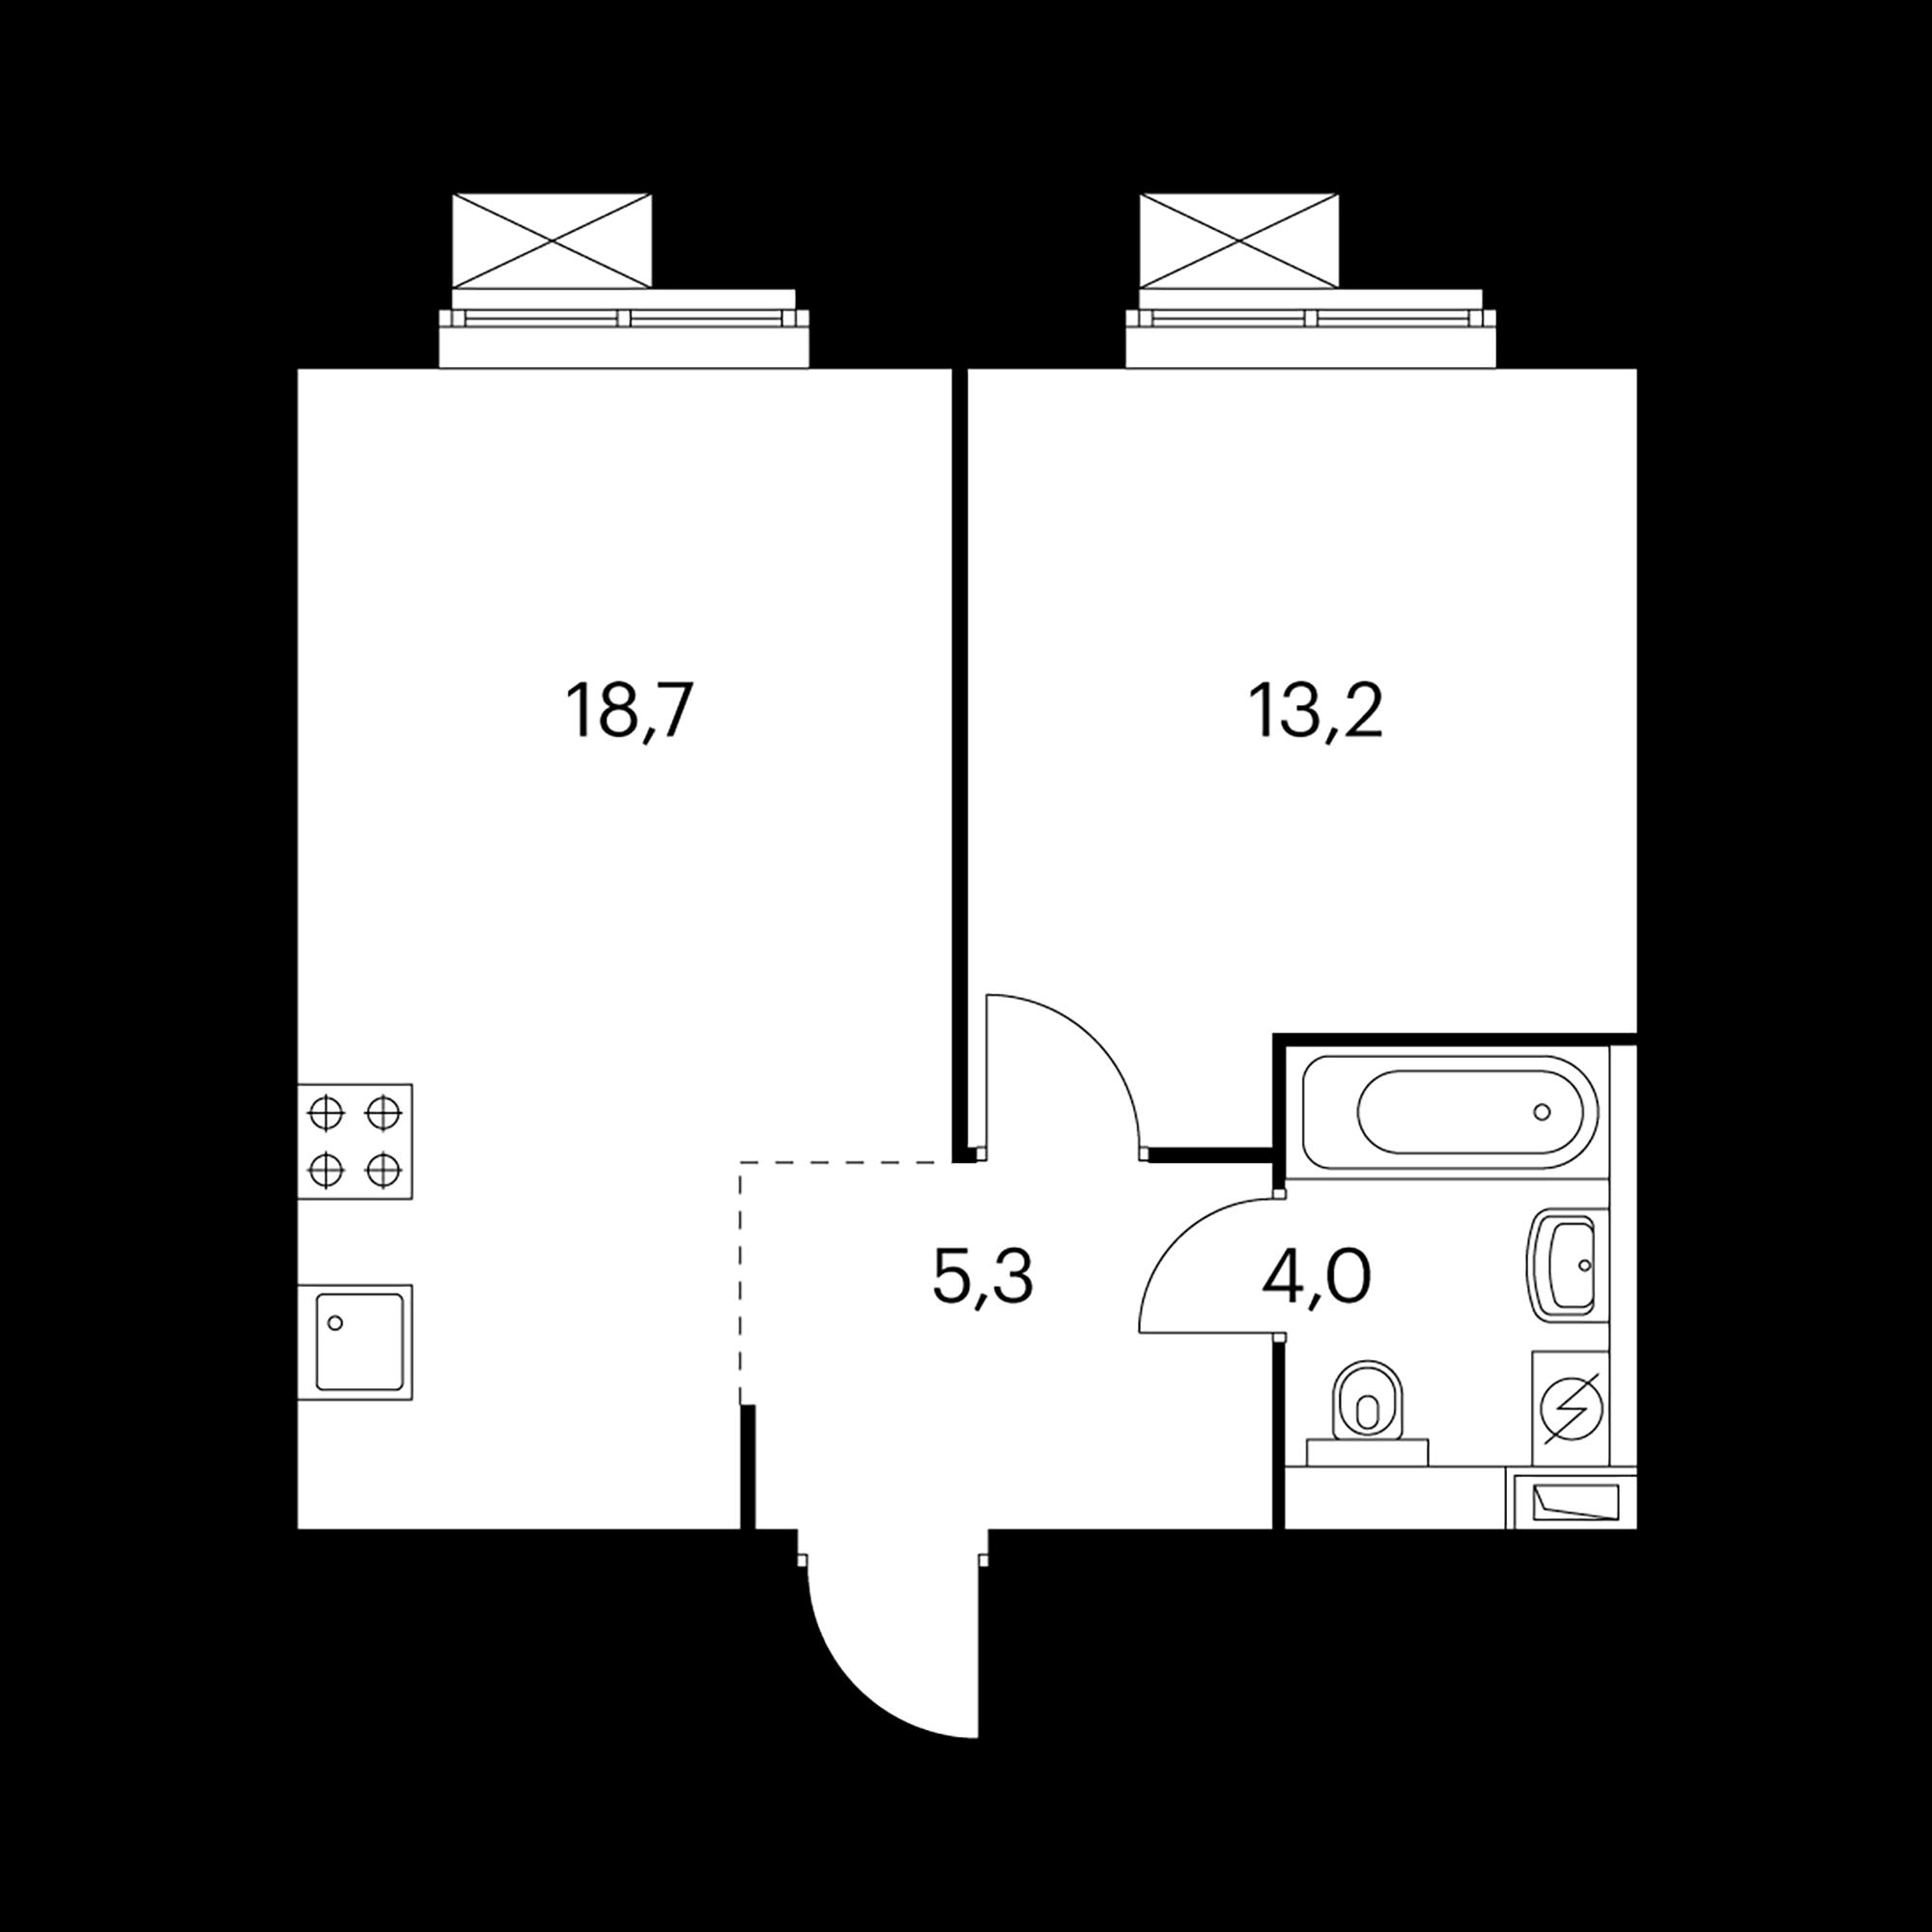 1EM4_7.2-1_S_A1